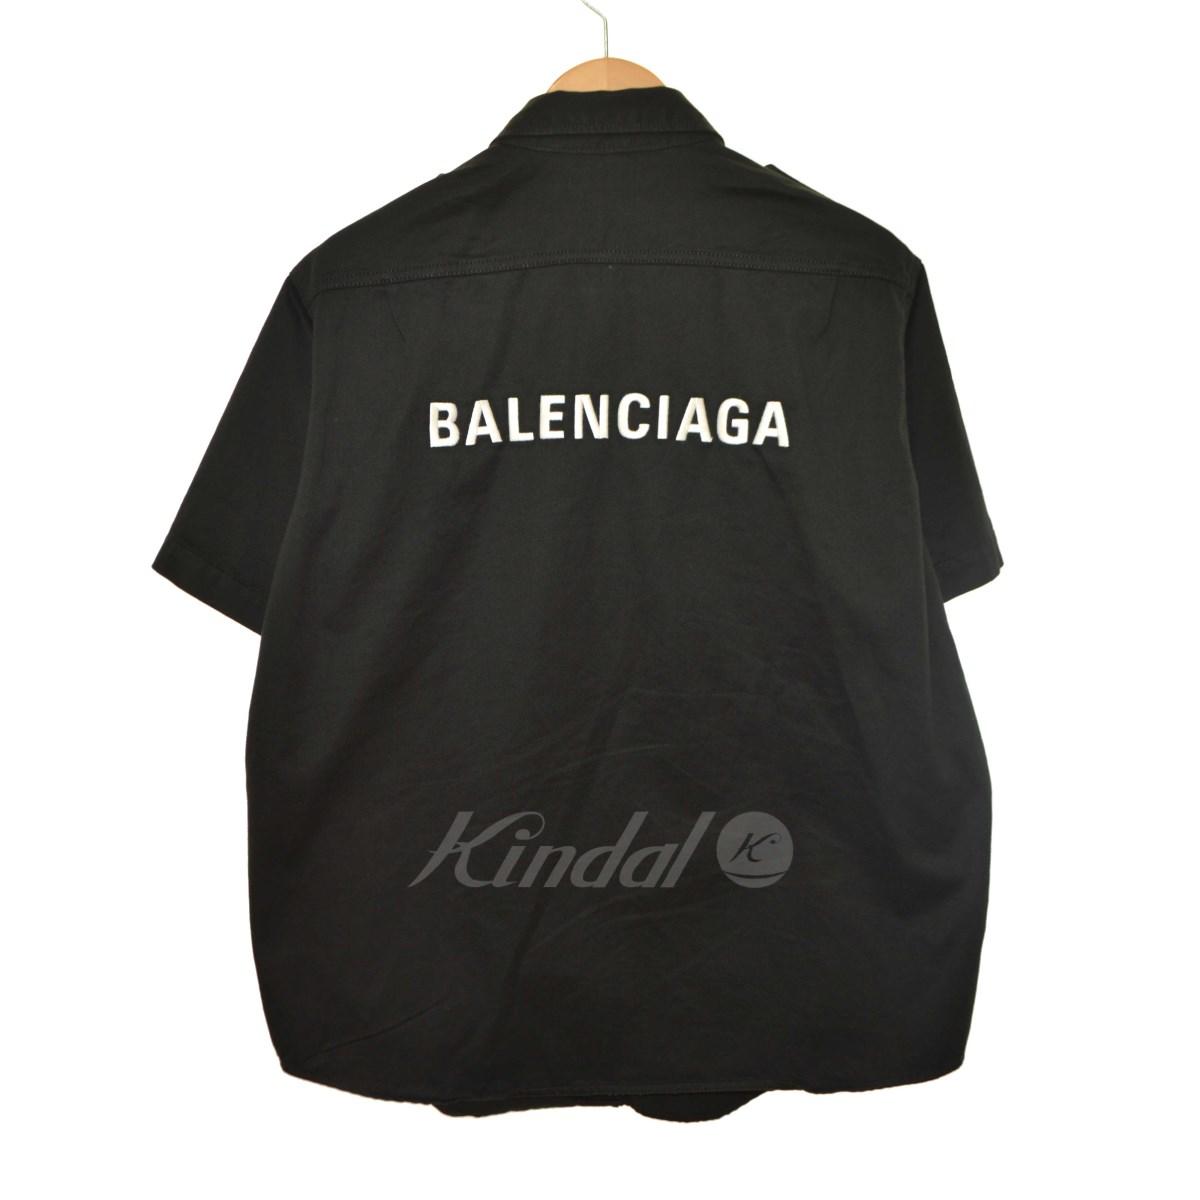 【11月1日 お値段見直しました】【中古】BALENCIAGA18AW 刺しゅうロゴハーフシャツ ブラック サイズ:39 【送料無料】